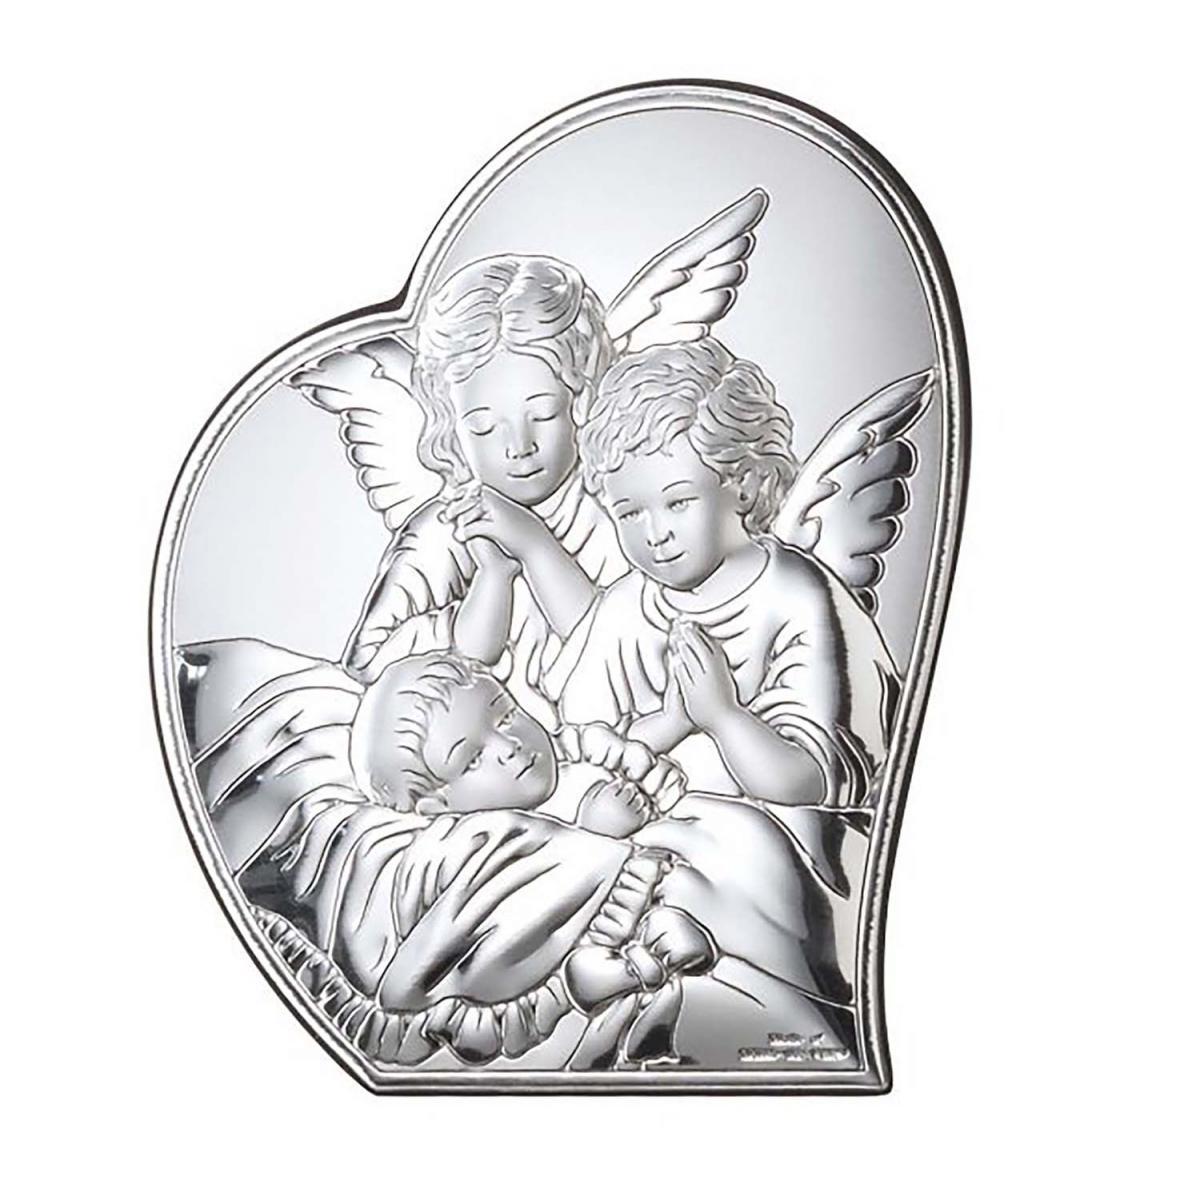 Ікона срібна Ангел-охоронець 9х11см 81084 1L